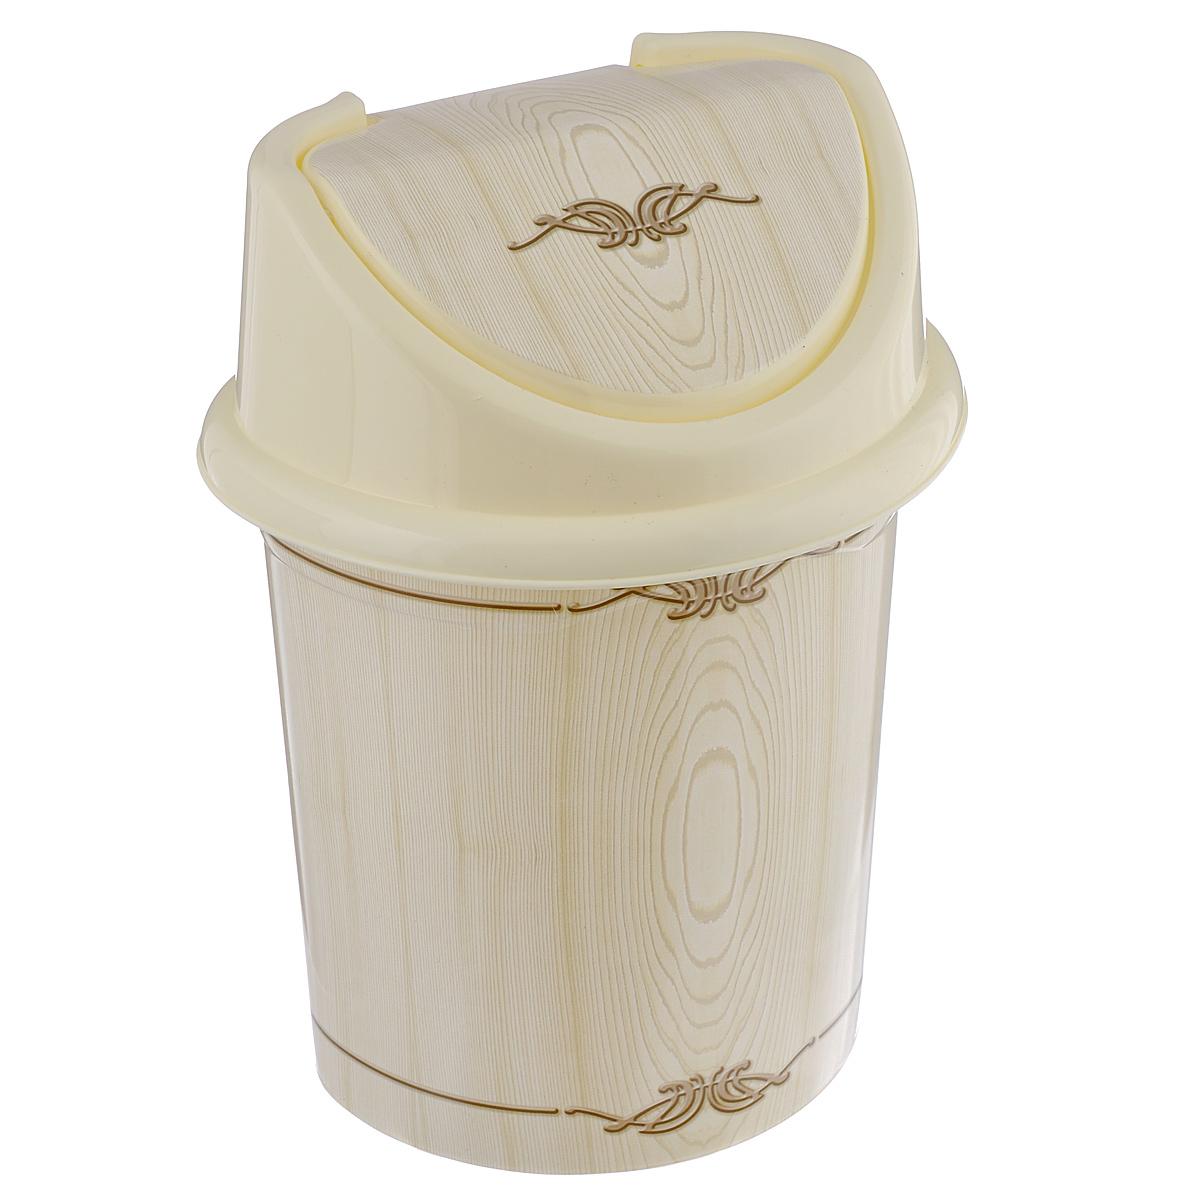 Контейнер для мусора Violet Беленый дуб, цвет: слоновая кость, коричневый, 8 л0408/91_желтыйКонтейнер для мусора Violet Беленый дуб изготовлен из прочного пластика. Контейнер снабжен удобной съемной крышкой с подвижной перегородкой. В нем удобно хранить мелкий мусор. Благодаря лаконичному дизайну такой контейнер идеально впишется в интерьер и дома, и офиса. Размер изделия: 21 см x 26 см x 35,5 см.